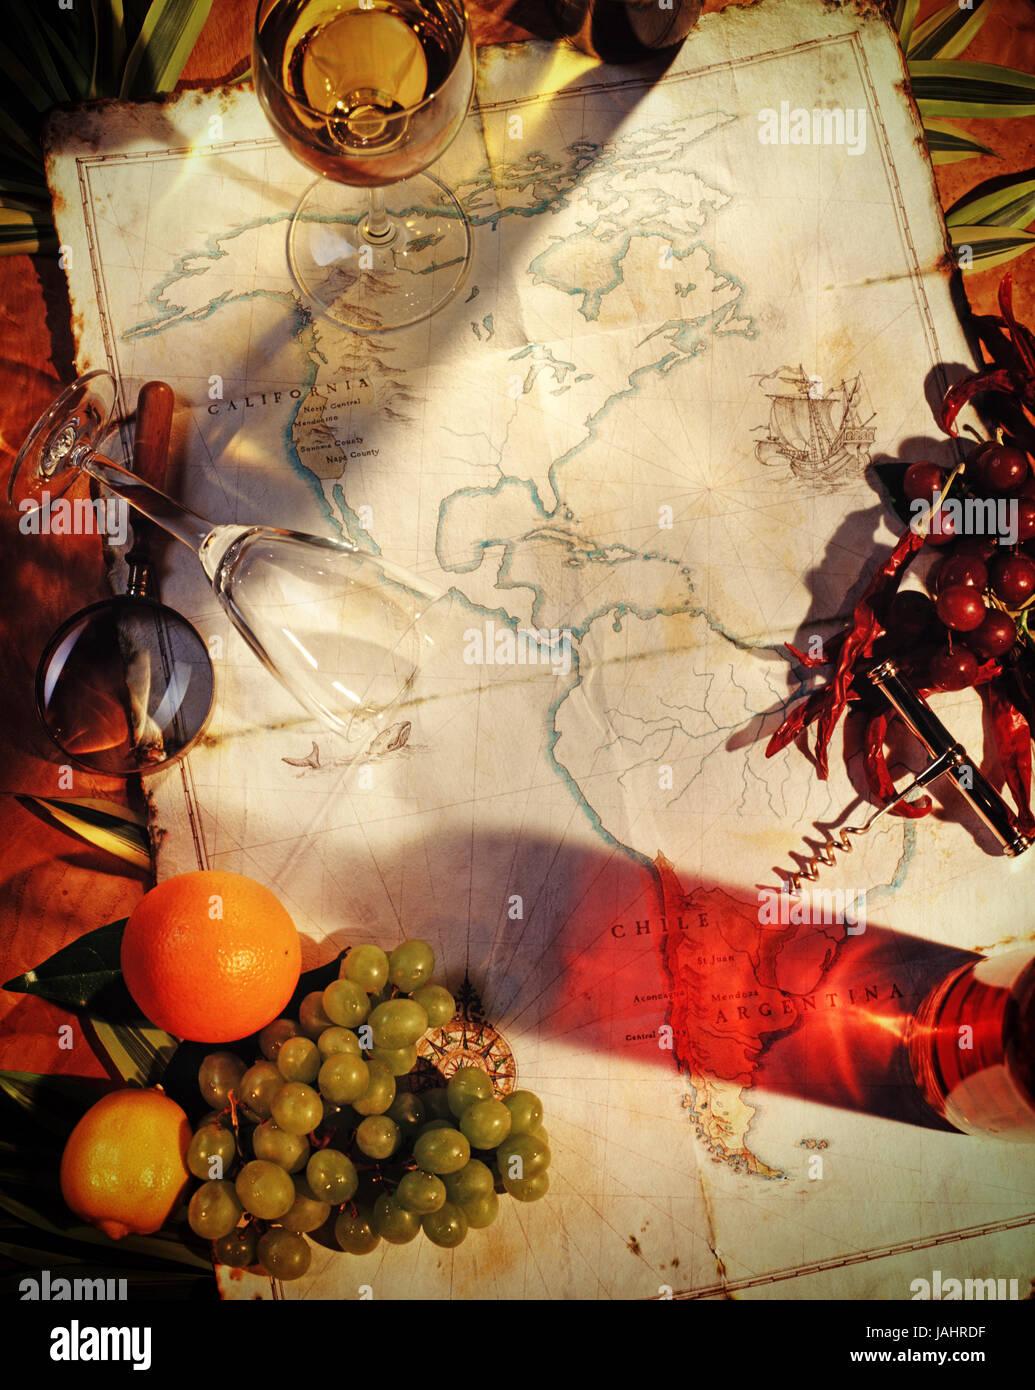 Carte des régions de l'Amérique avec le vin et un verre de vin Photo Stock